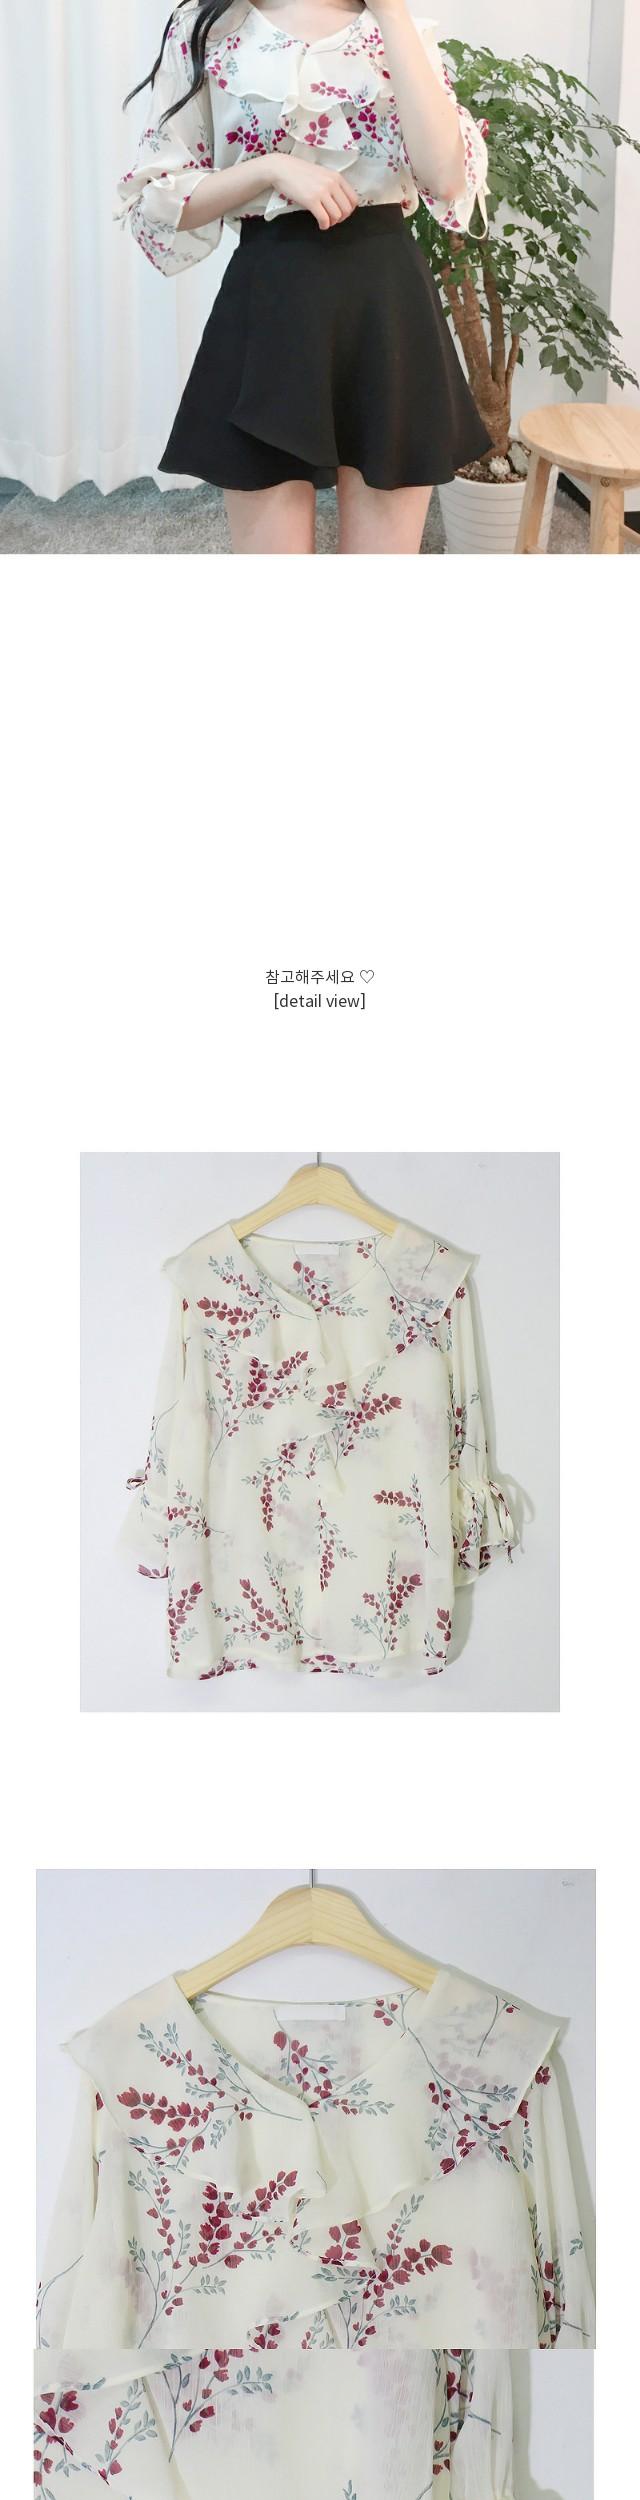 Cherry blossom bl